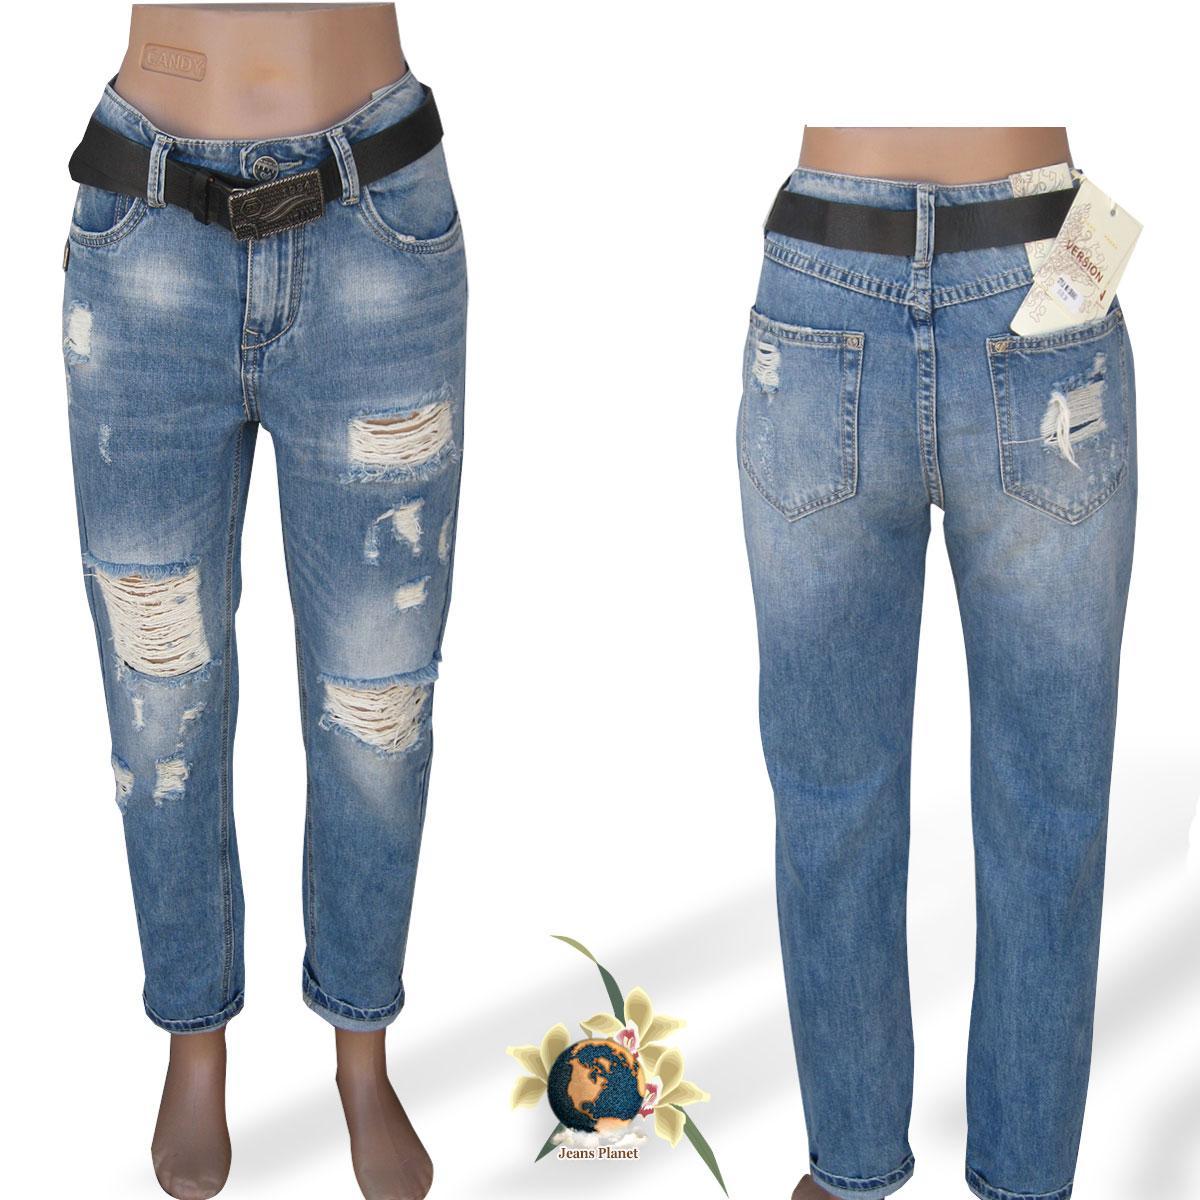 474a6c903fc Рваные женские джинсы Mom Version светло-синие 28 размер - Jeans Planet  -джинсовая одежда